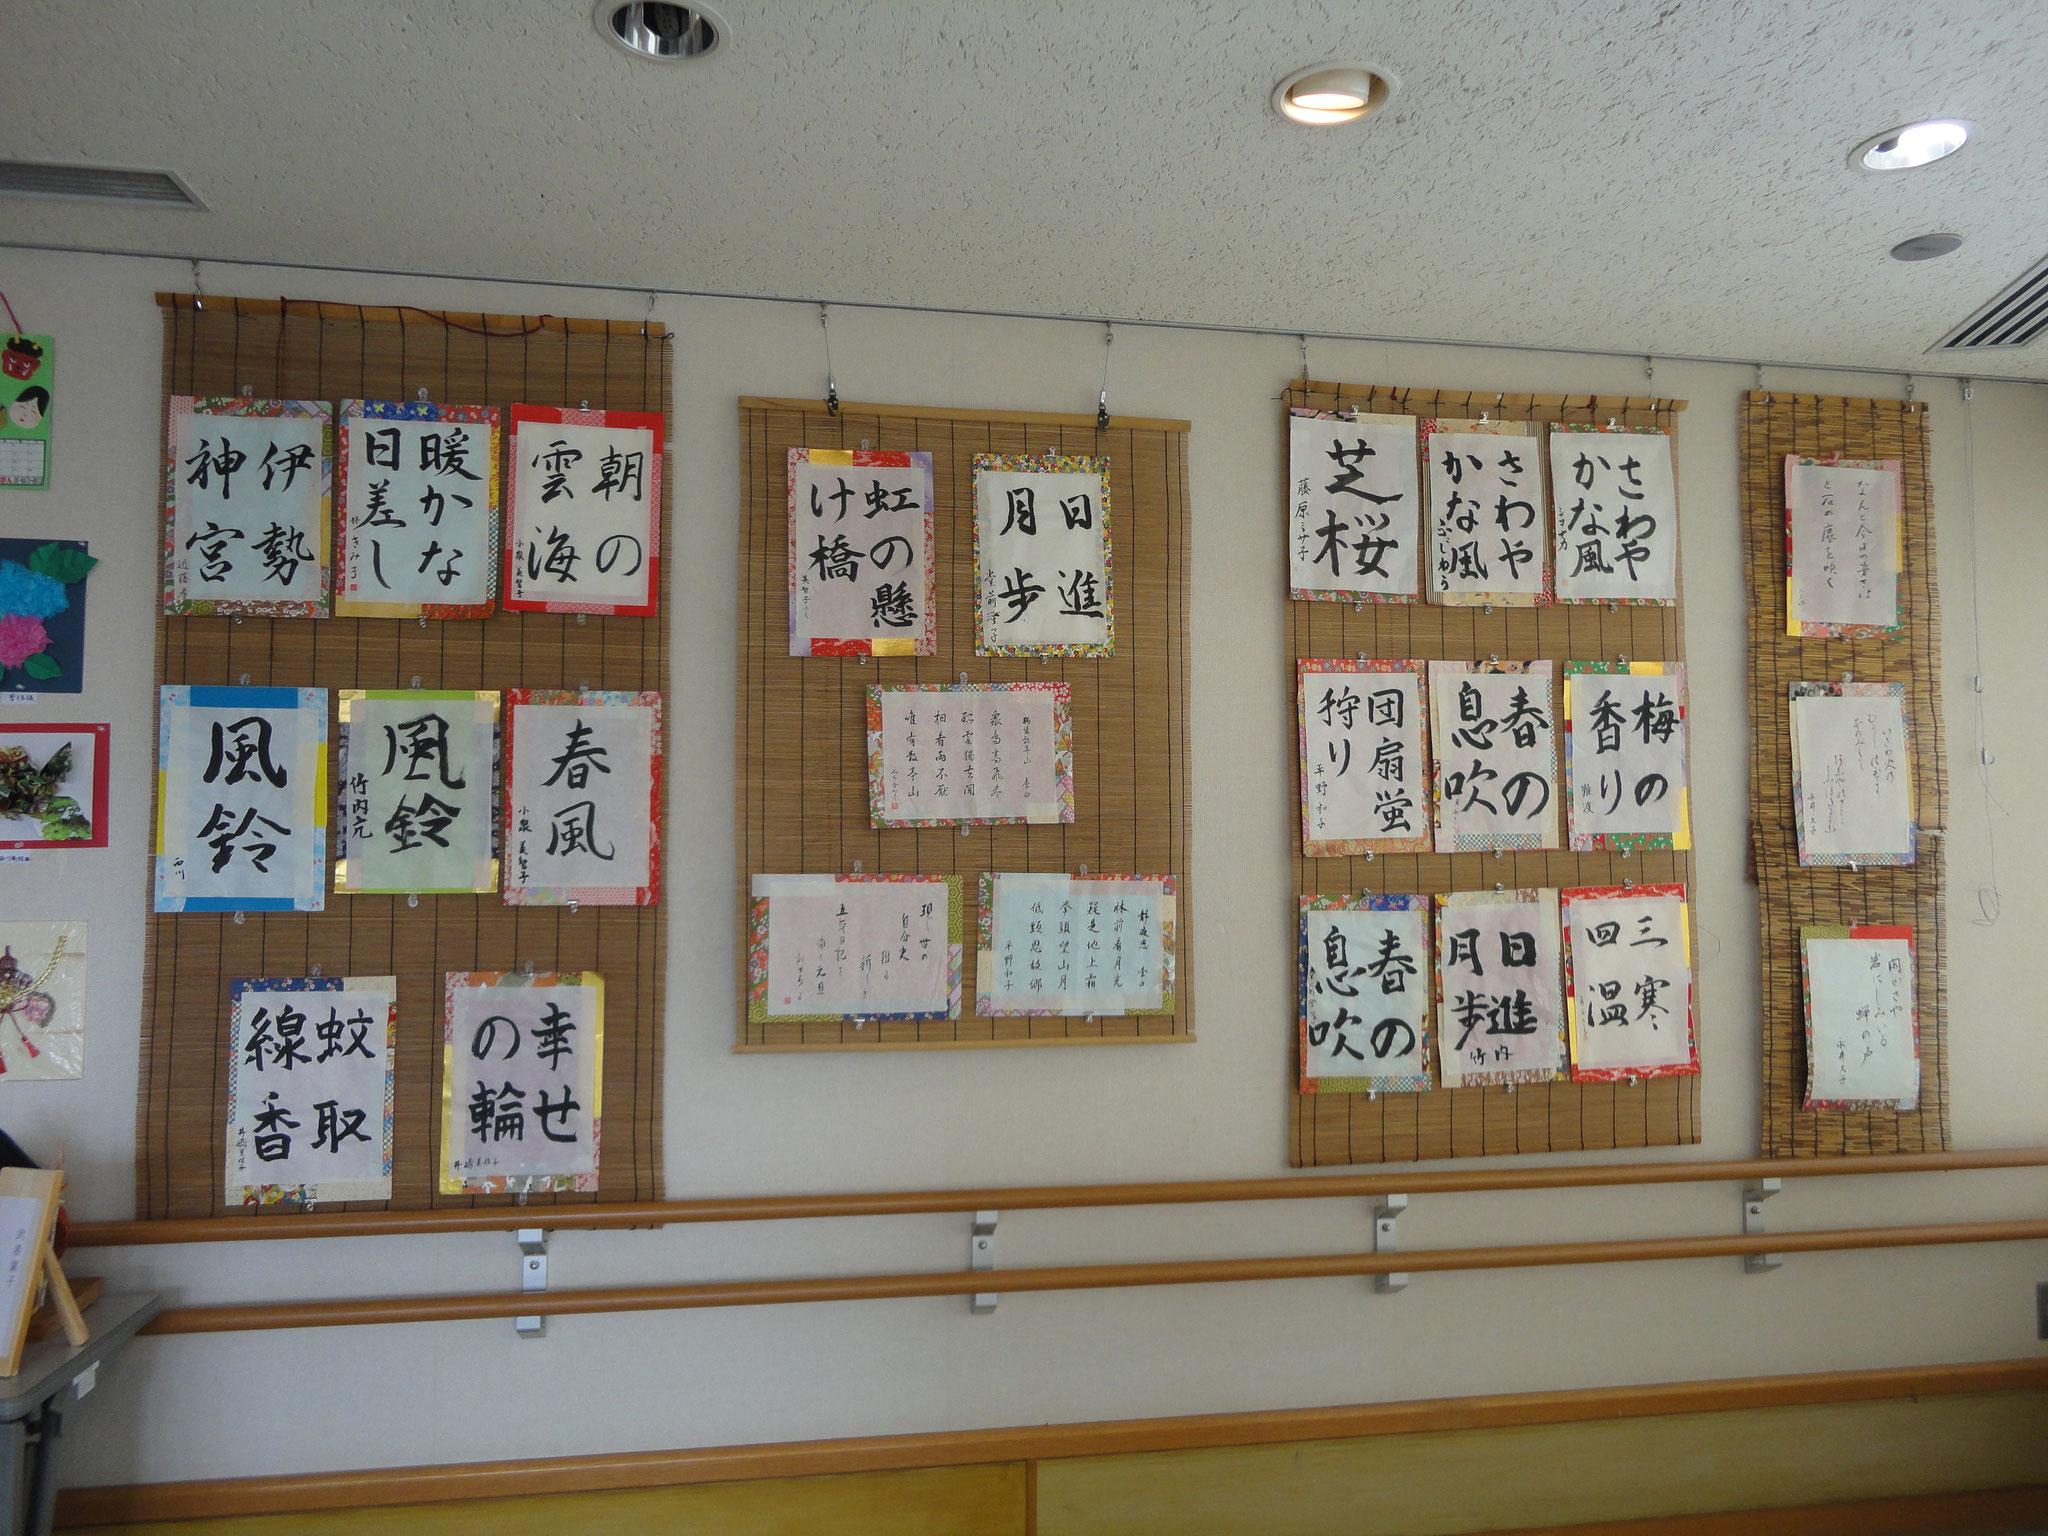 作品展 書道 亥の子谷コミュニティーセンターにて